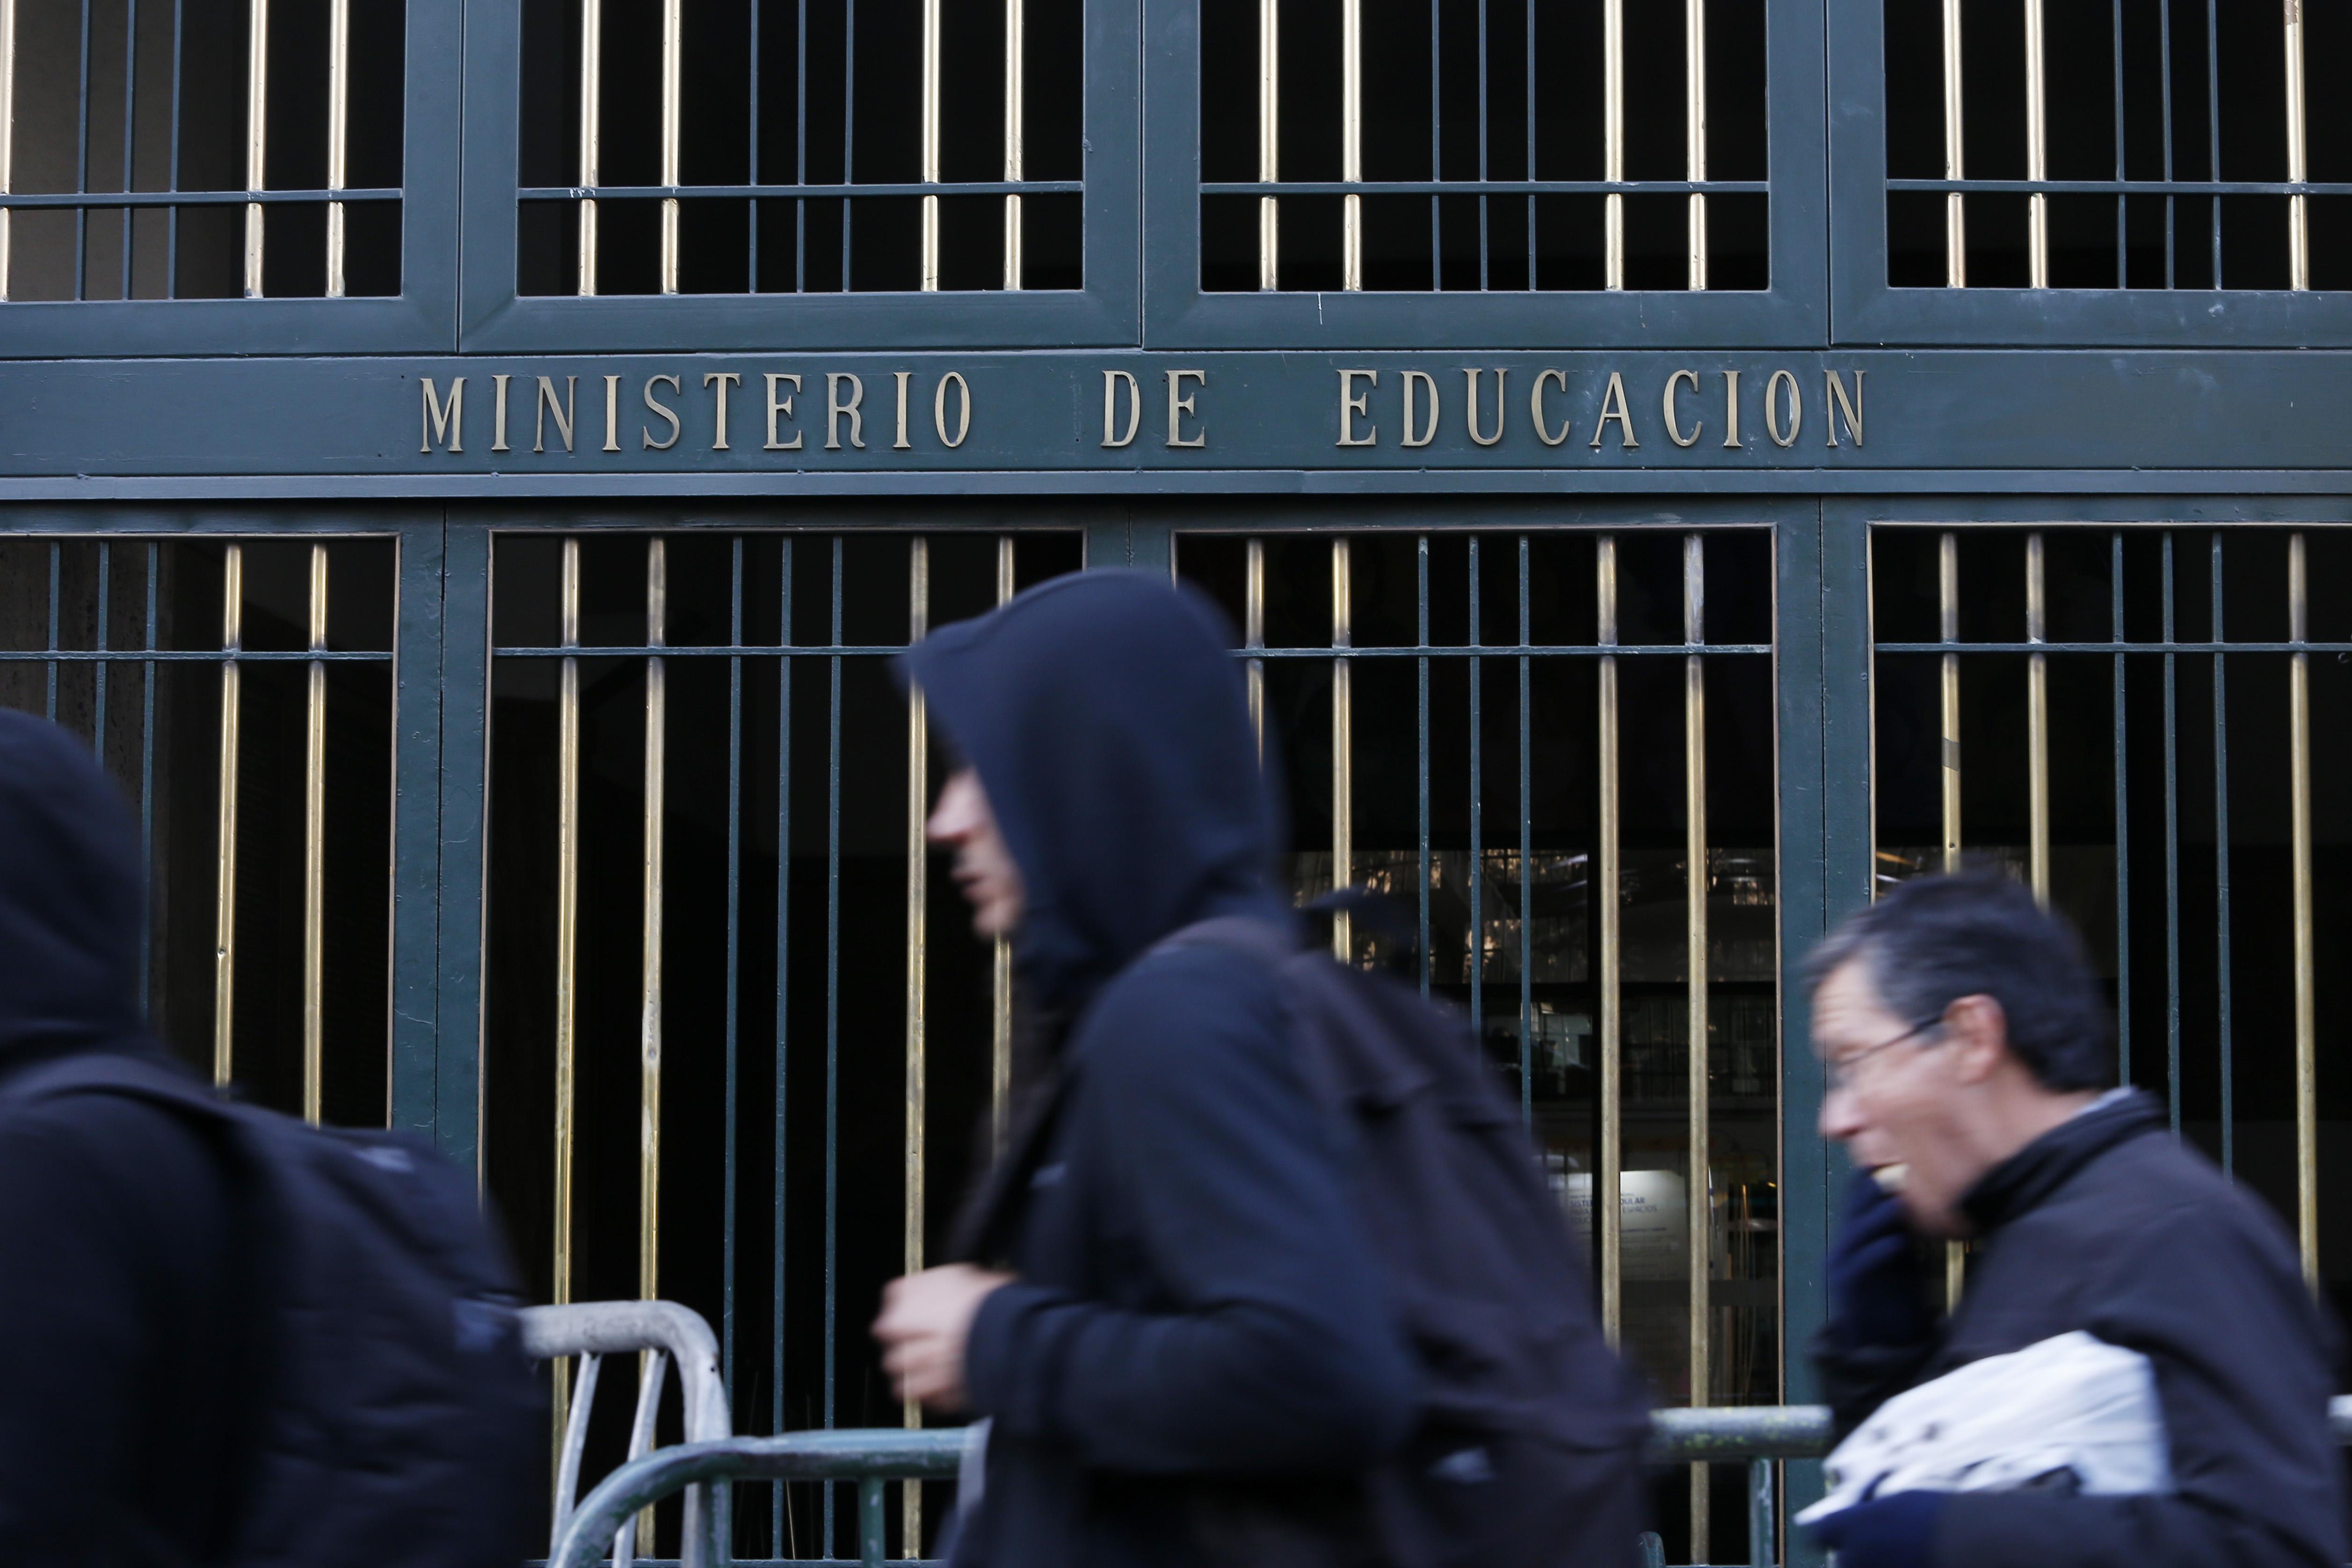 """""""Mineduc pide a funcionarios votar en encuesta de Twitter sobre cambios al currículum escolar para revertir resultado adverso"""""""